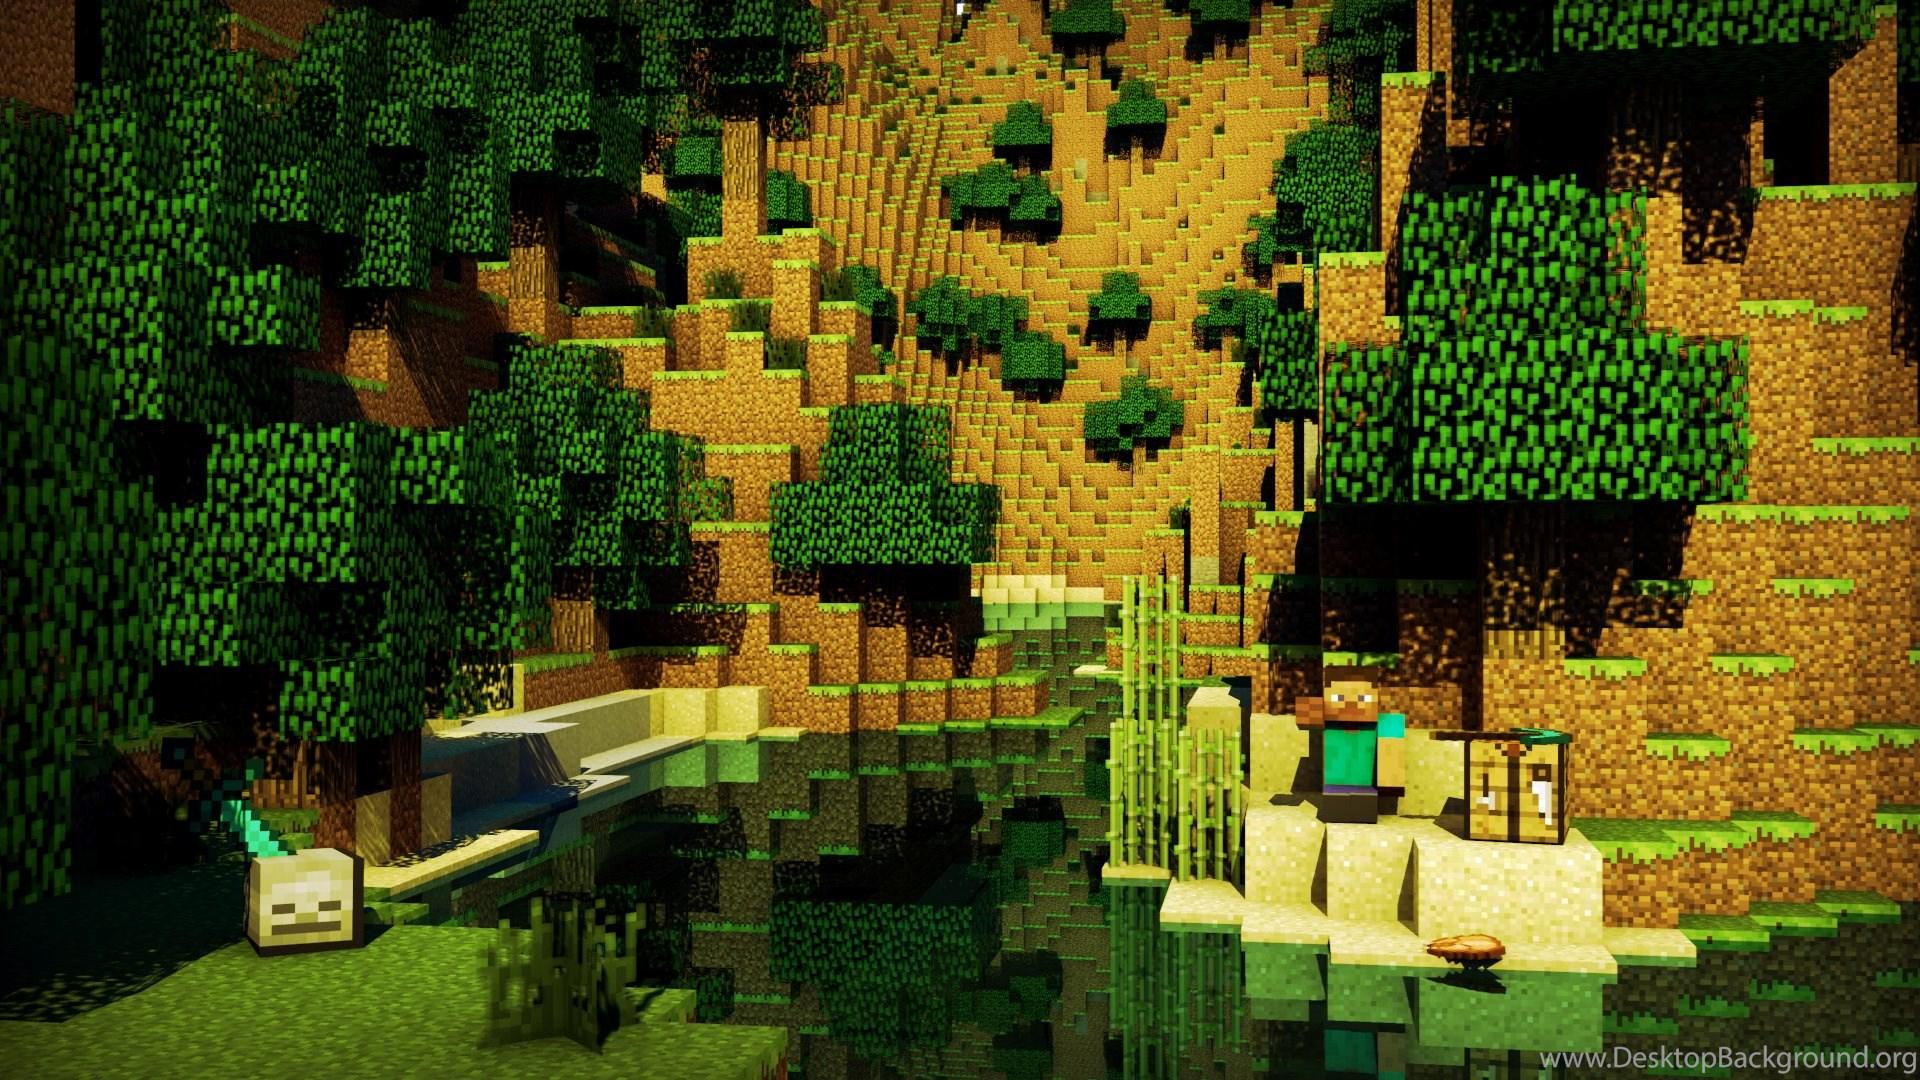 Best Wallpaper Minecraft Google - 1056679_minecraft-hd-wallpaper-backgrounds-5671d-wallpapers-hd-fix_1920x1080_h  Graphic_586295.jpg